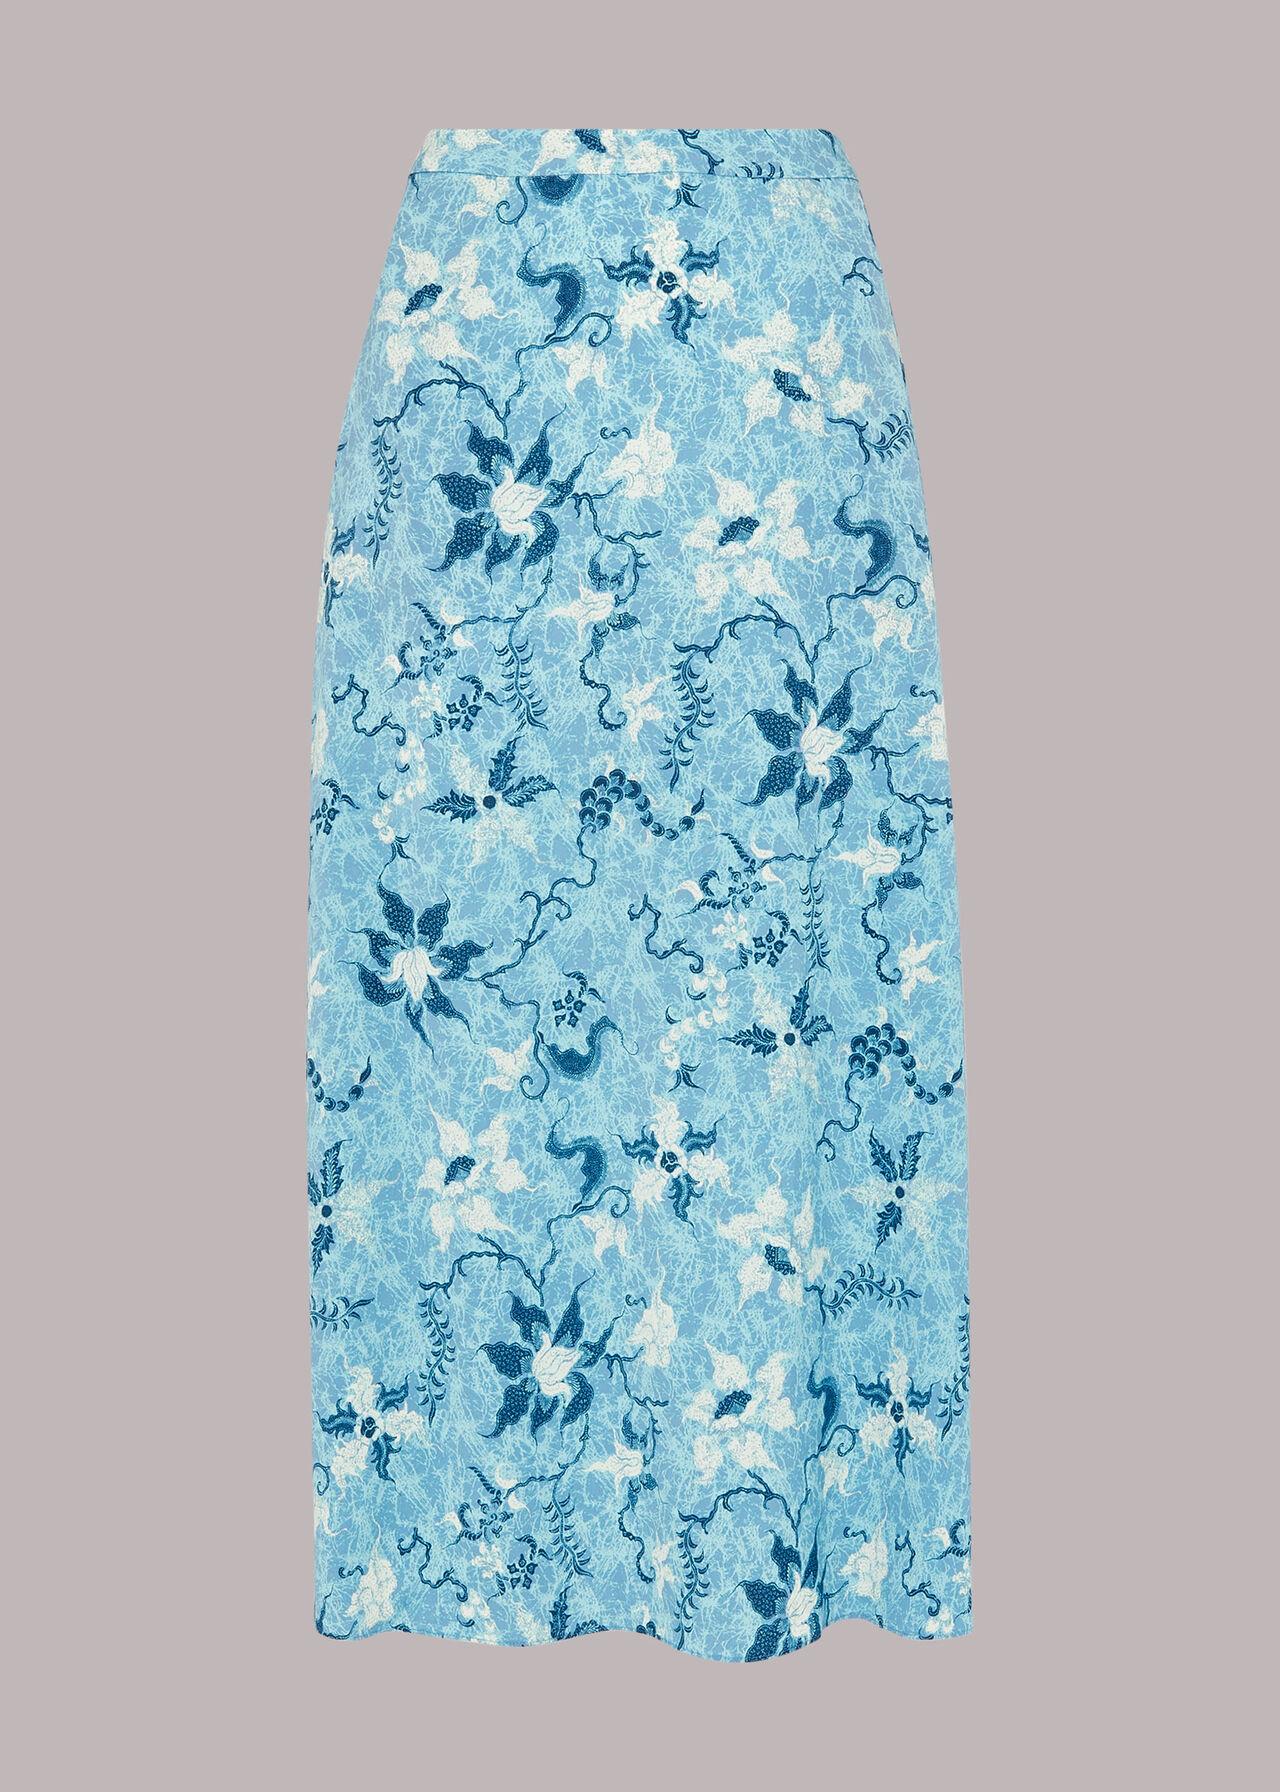 Batik Garland Print Skirt